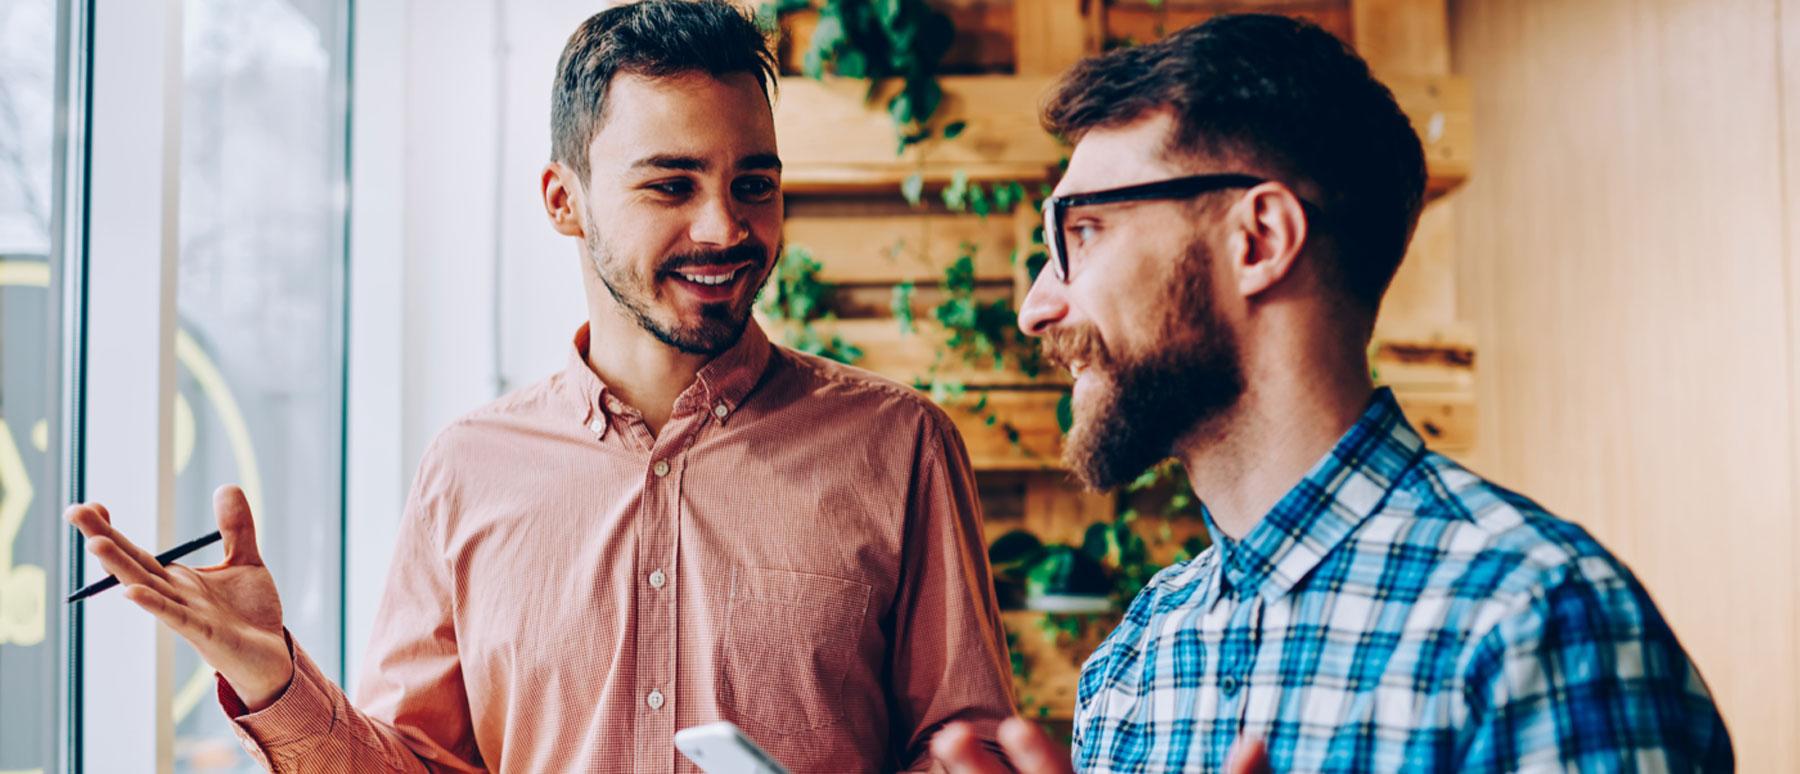 8 passos para ter uma conversa agradável e envolvente